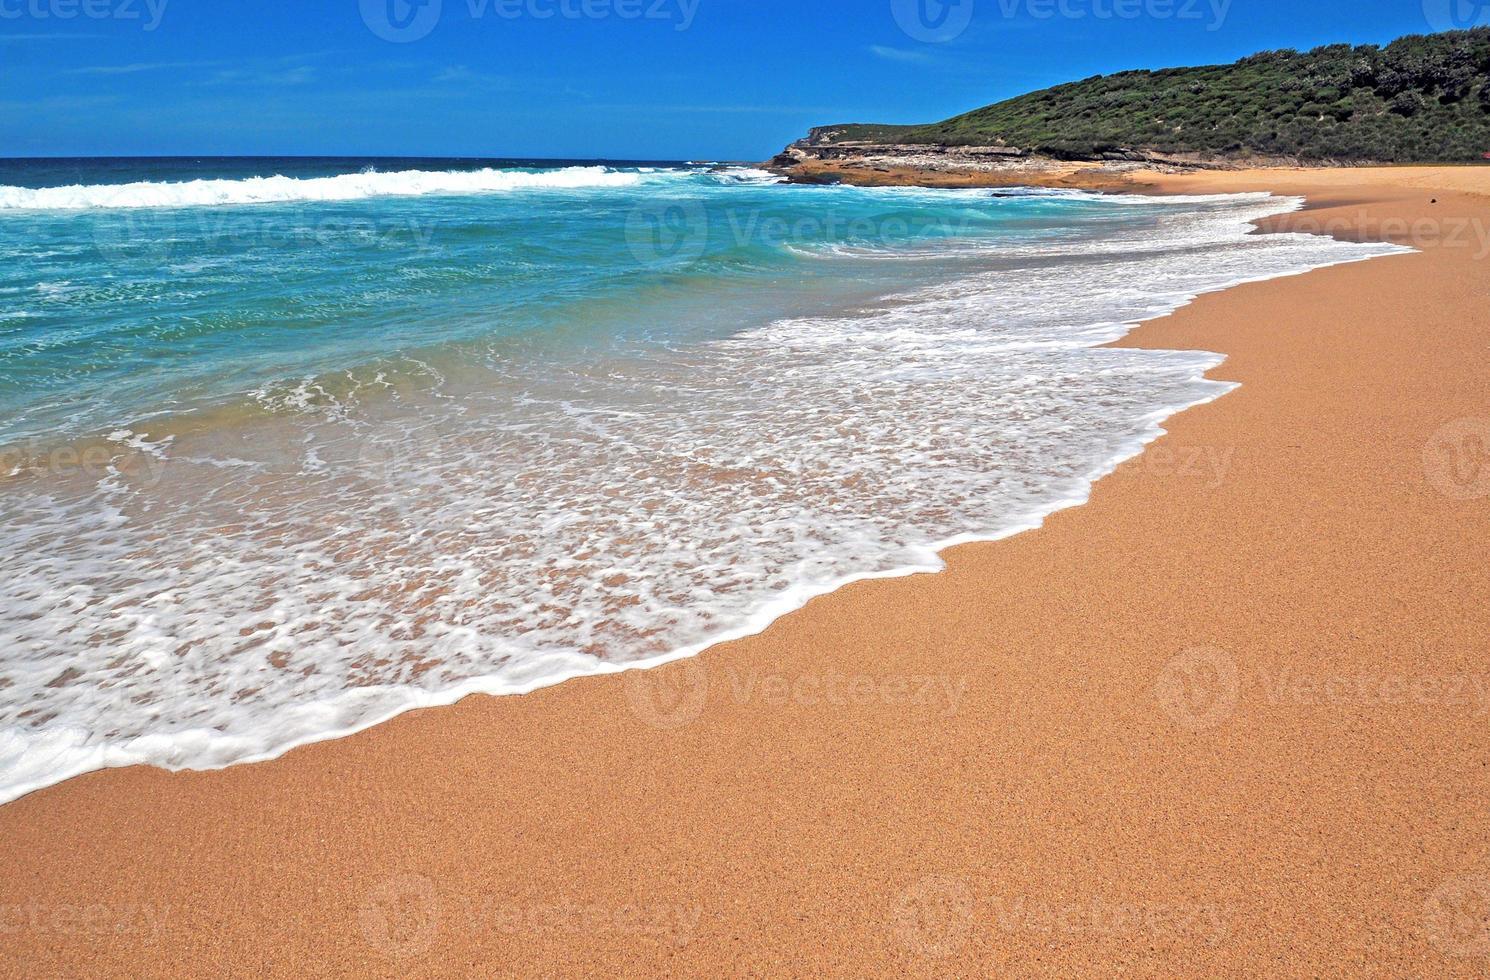 isolierter unberührter Strand nahe Sydney, nsw Australien foto